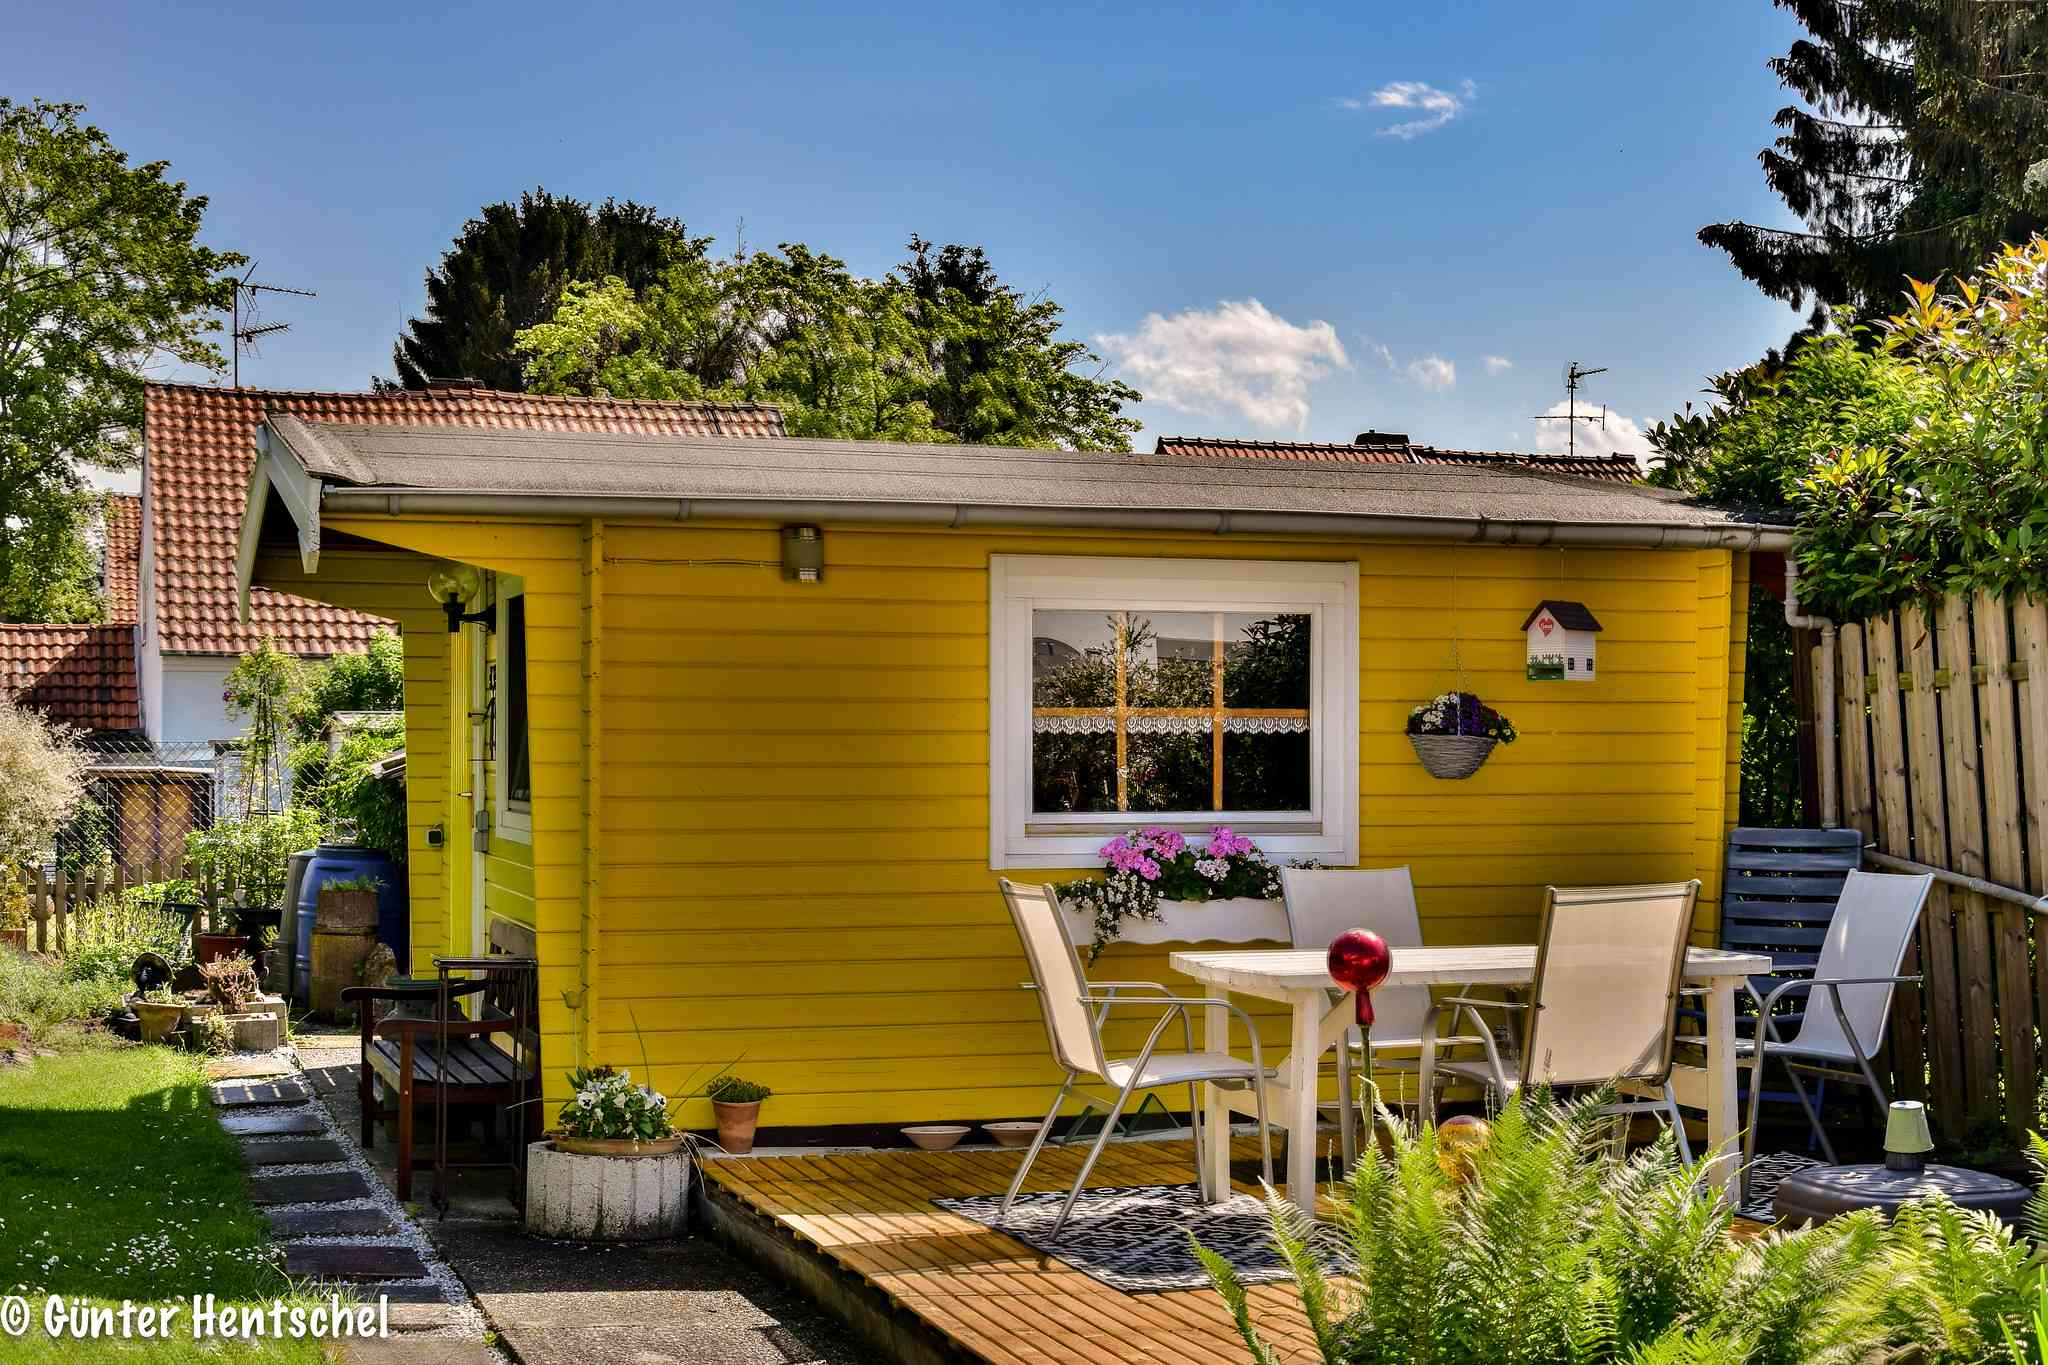 colorful garden house